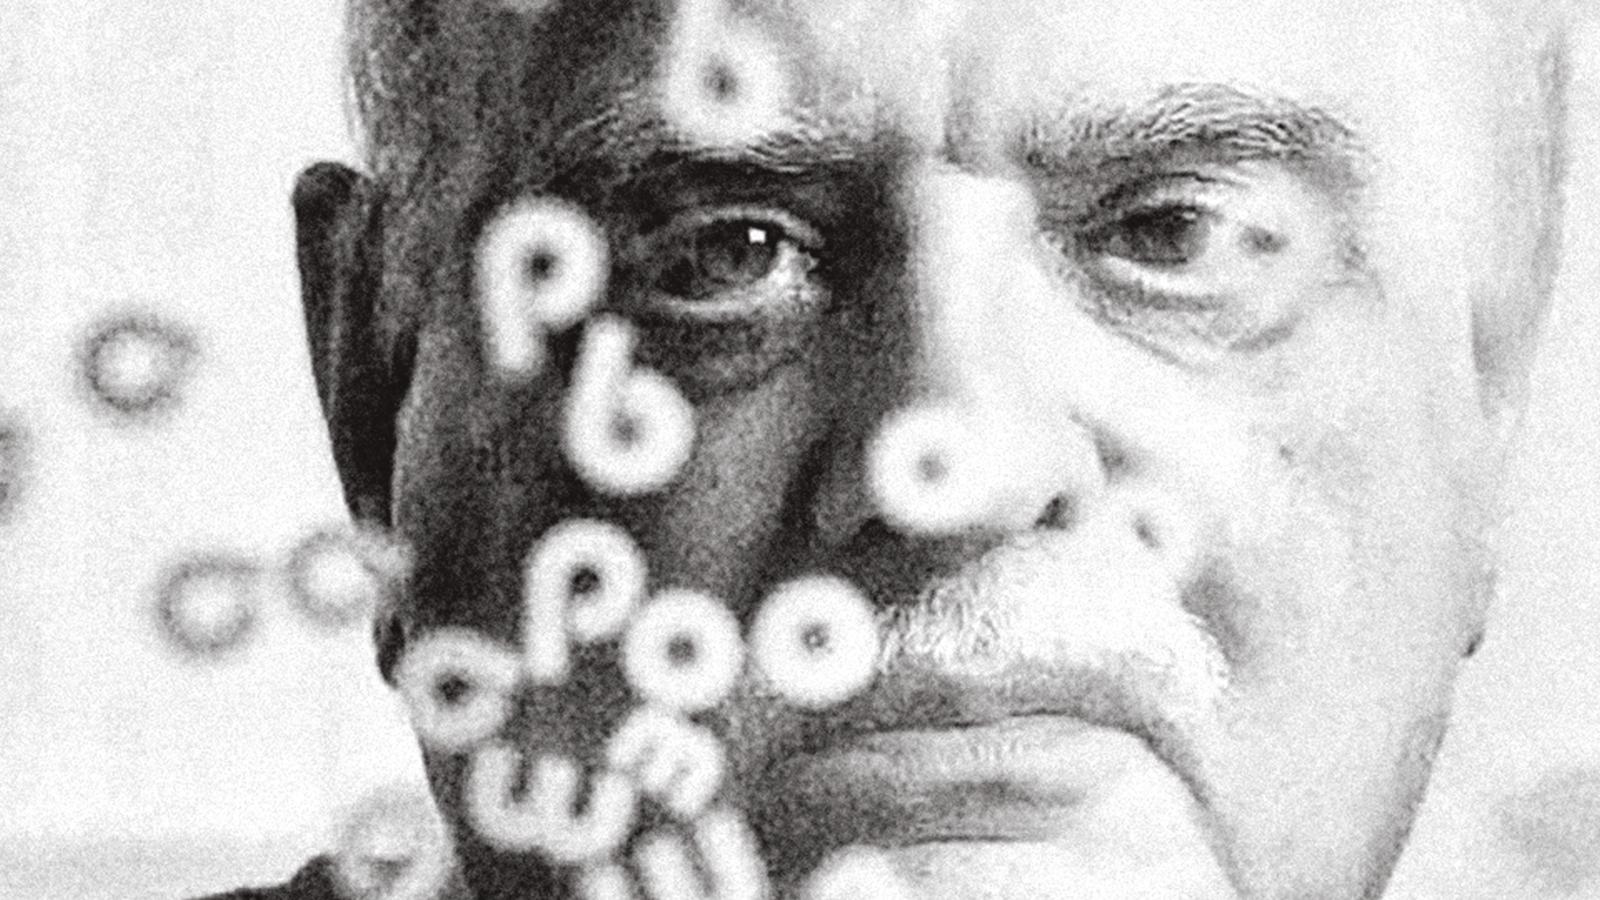 Augusto de Campos+90:Memória Memorabilia